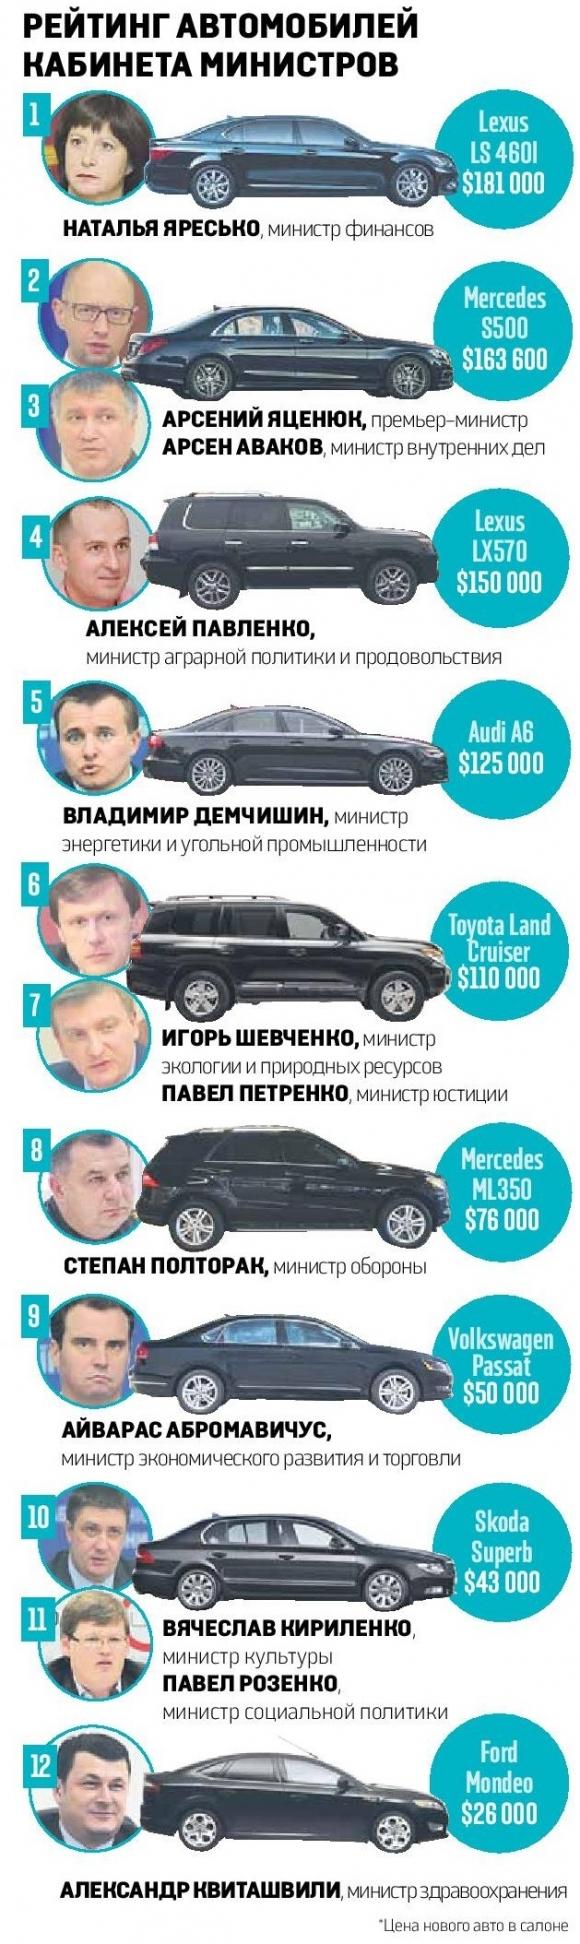 Автомобили министров